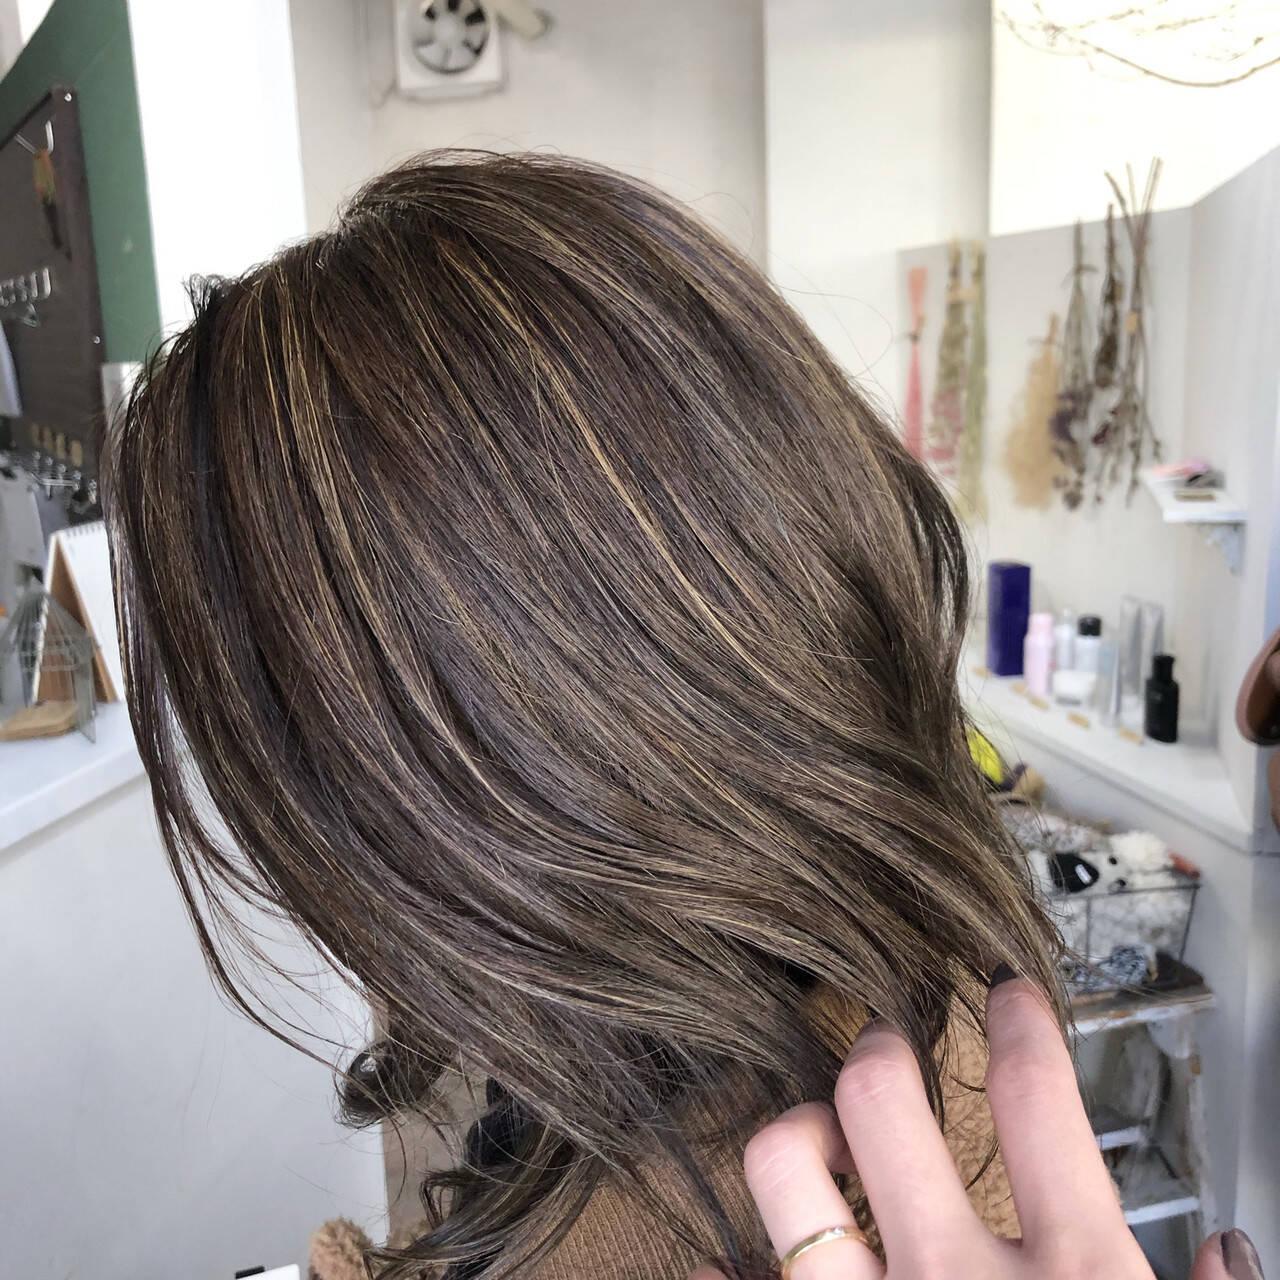 ミディアム ストリート クリーミーカラー ホワイトハイライトヘアスタイルや髪型の写真・画像